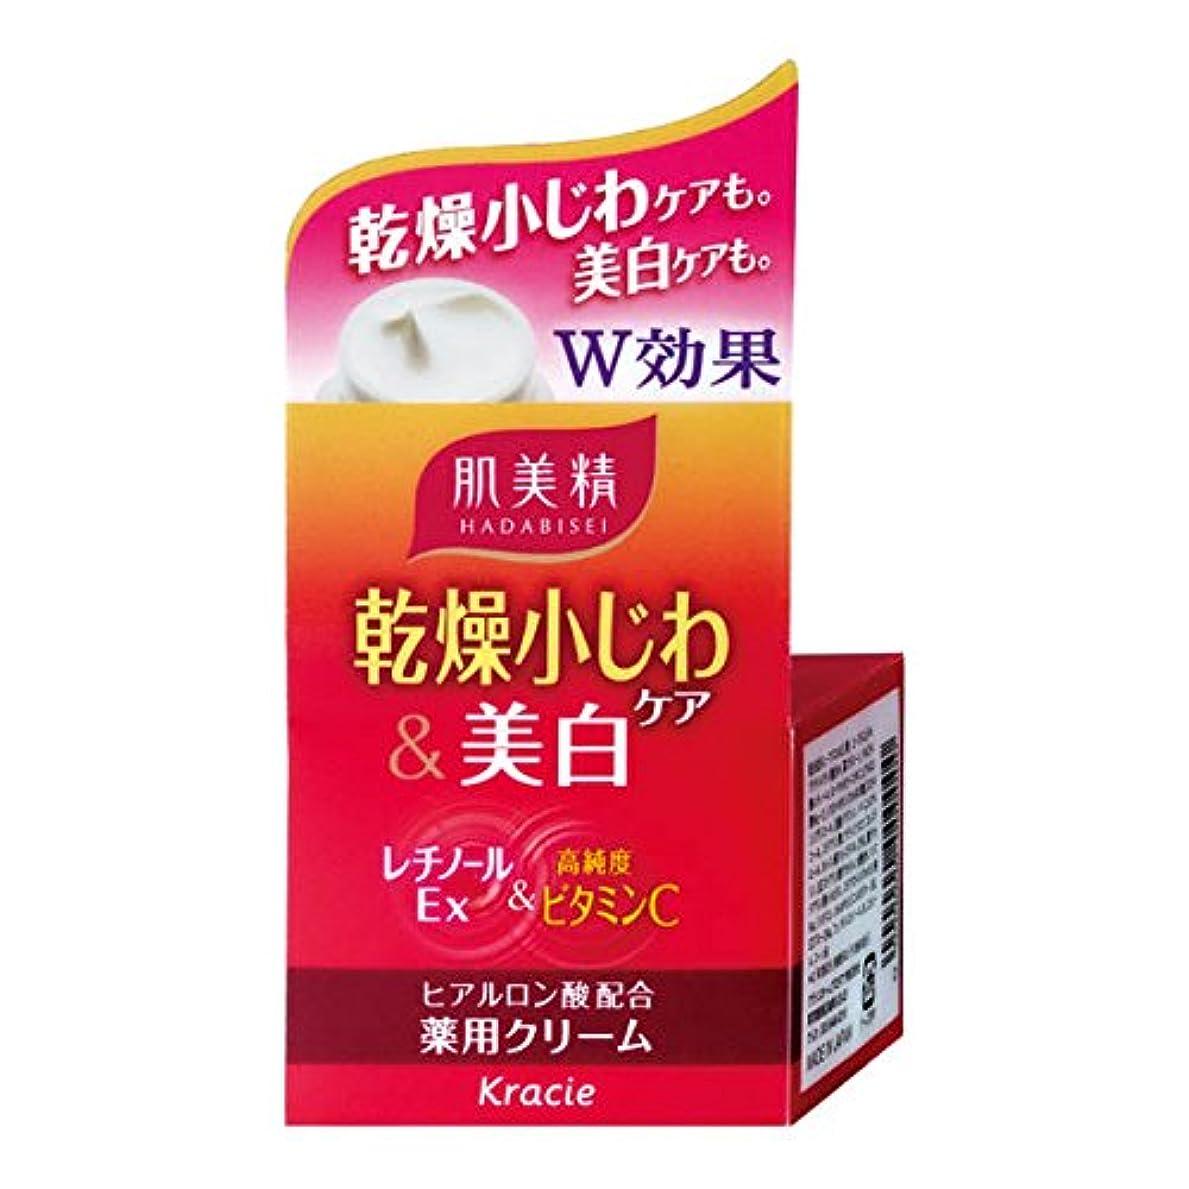 にぎやかがっかりする抽象肌美精 乾燥小じわケア&美白 薬用クリーム 50g 【医薬部外品】